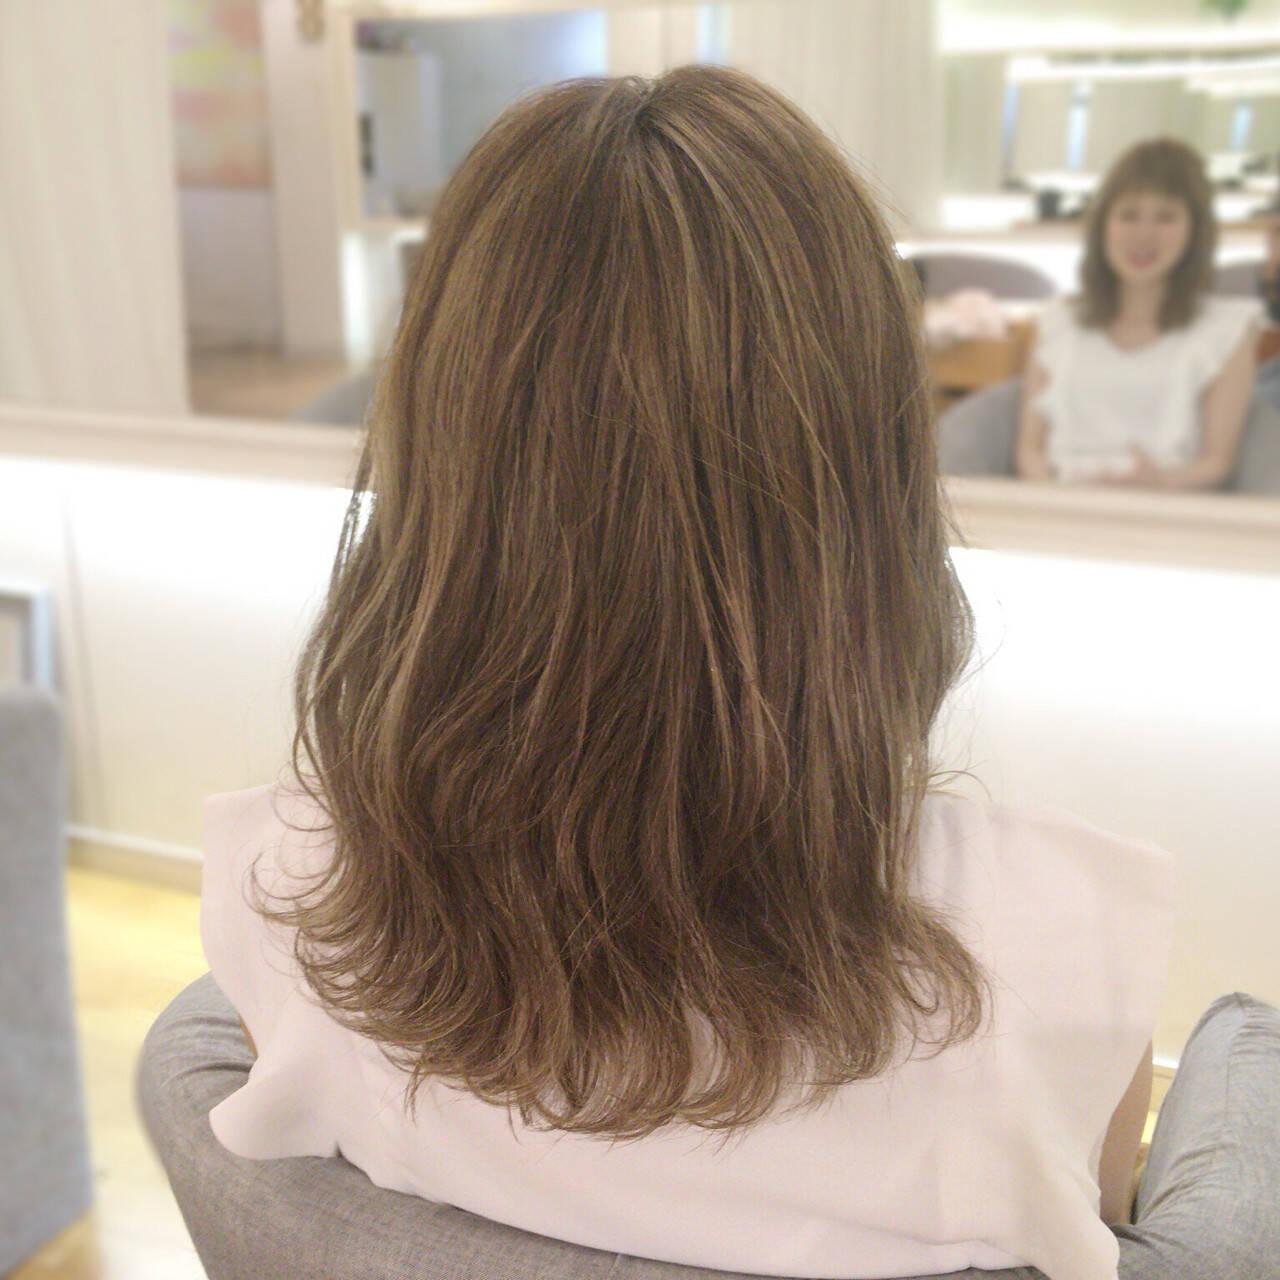 ハイライト ボブ アッシュベージュ ナチュラルヘアスタイルや髪型の写真・画像